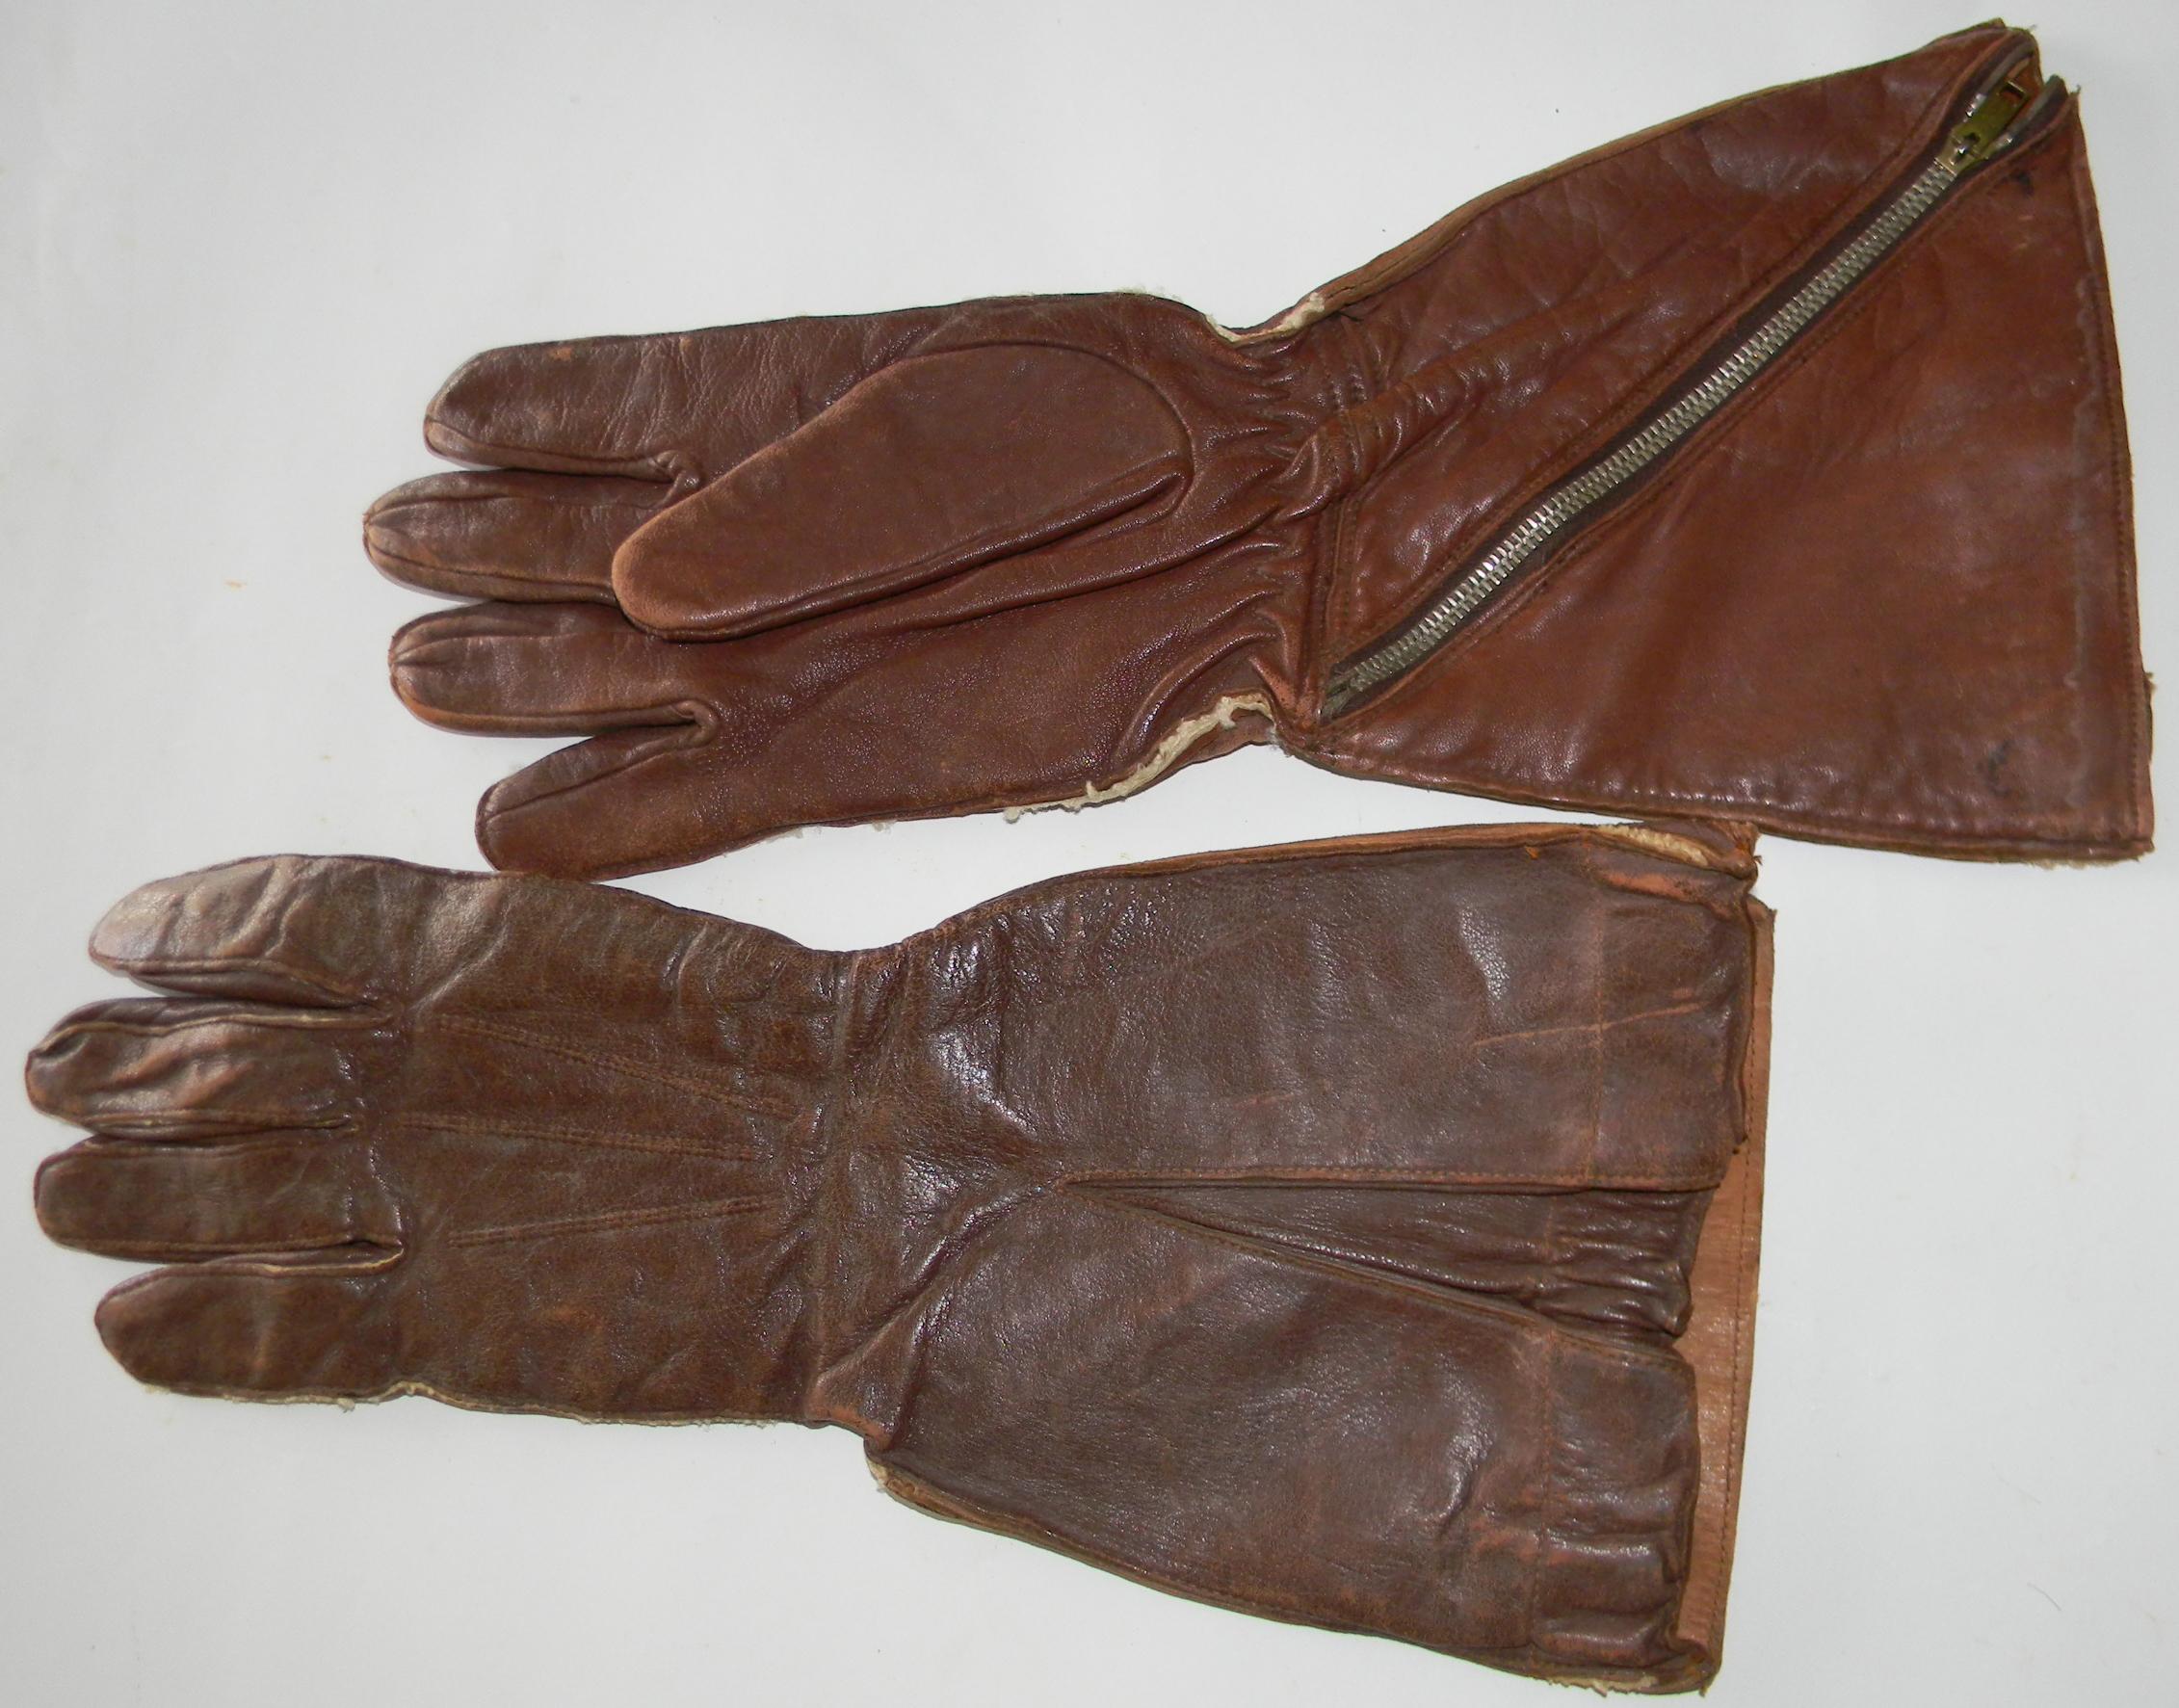 RAF 1941 pattern gauntlets